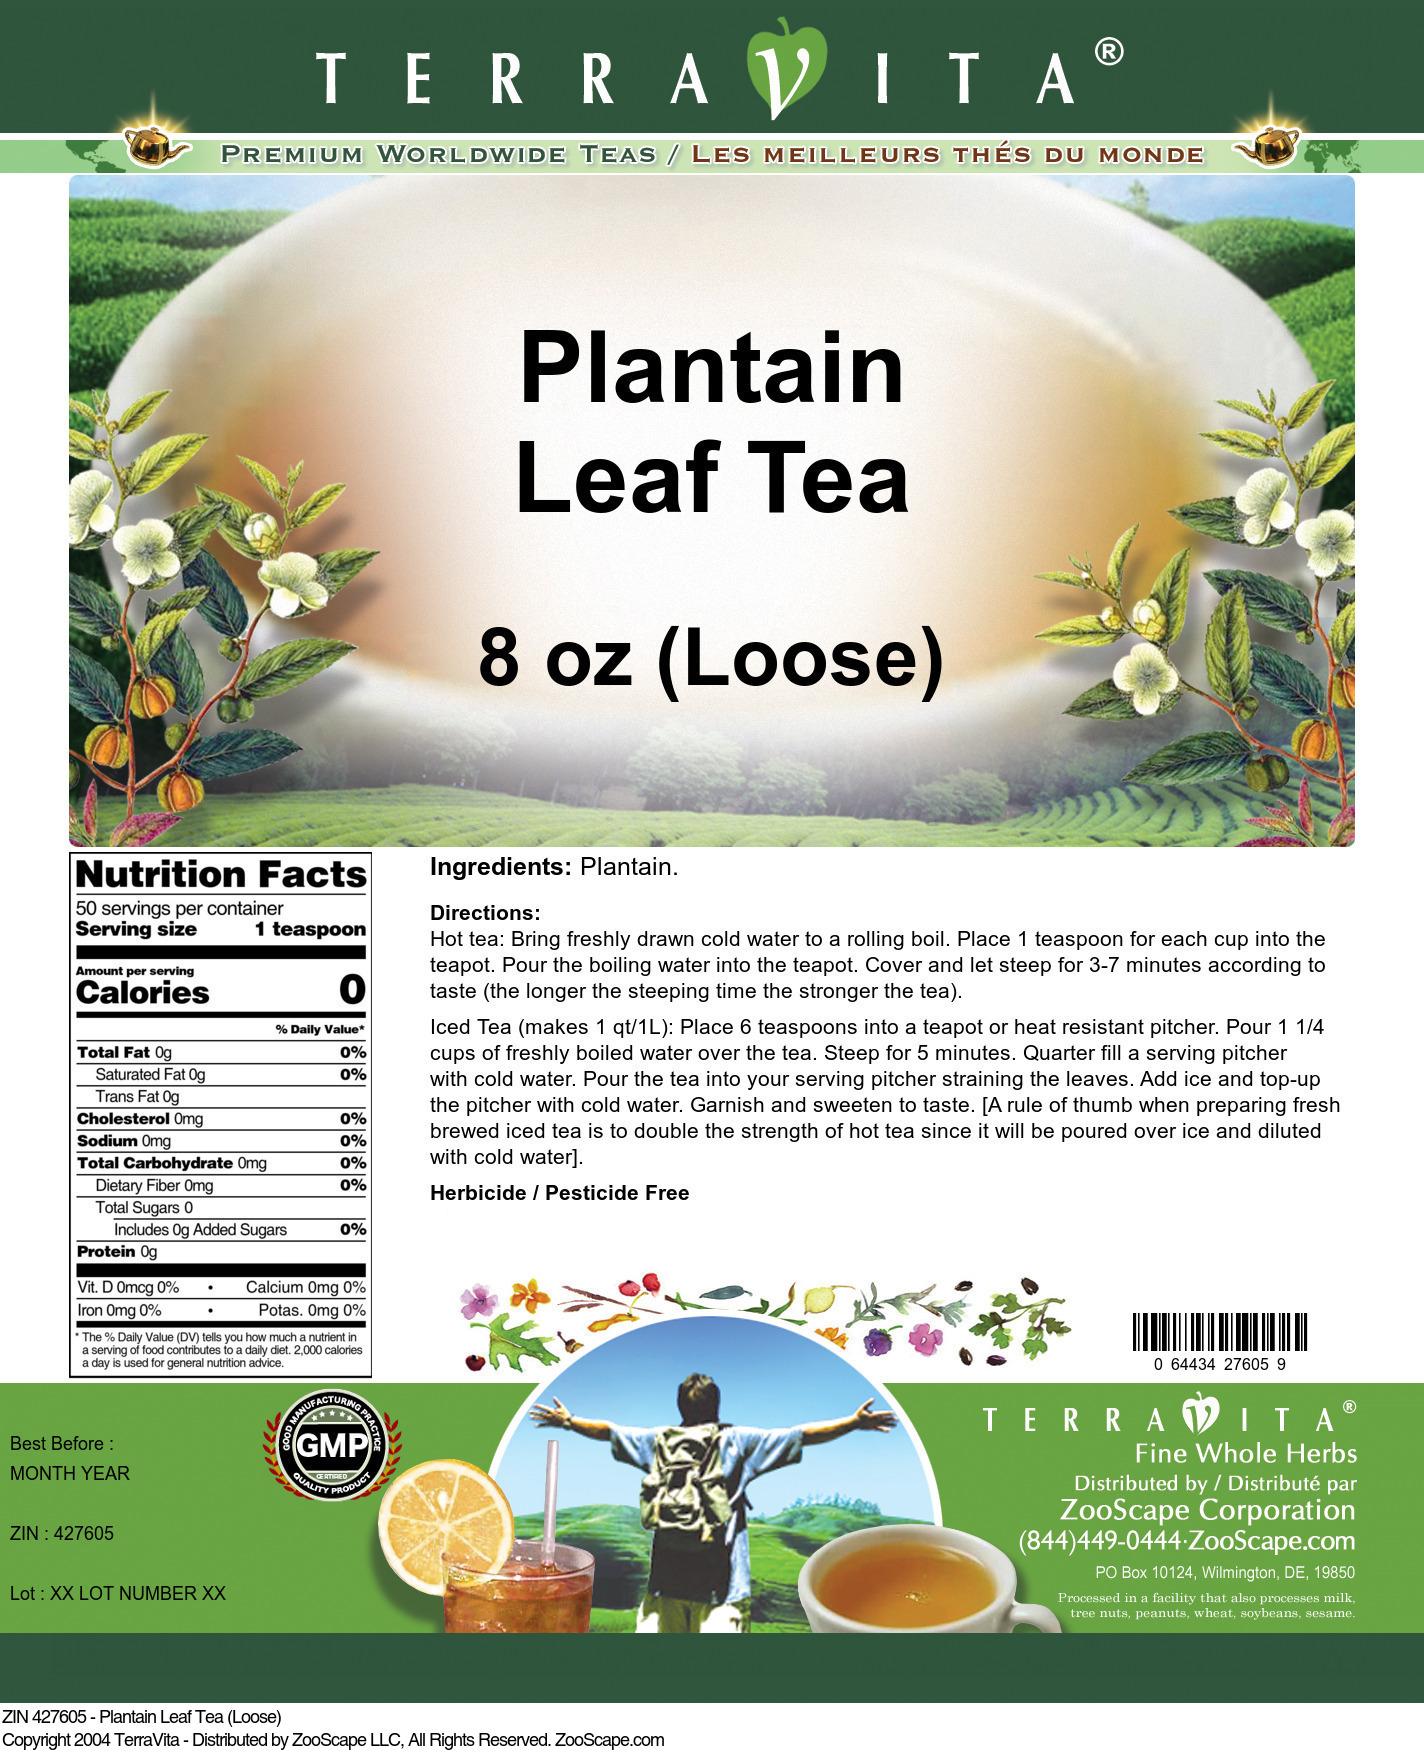 Plantain Leaf Tea (Loose)